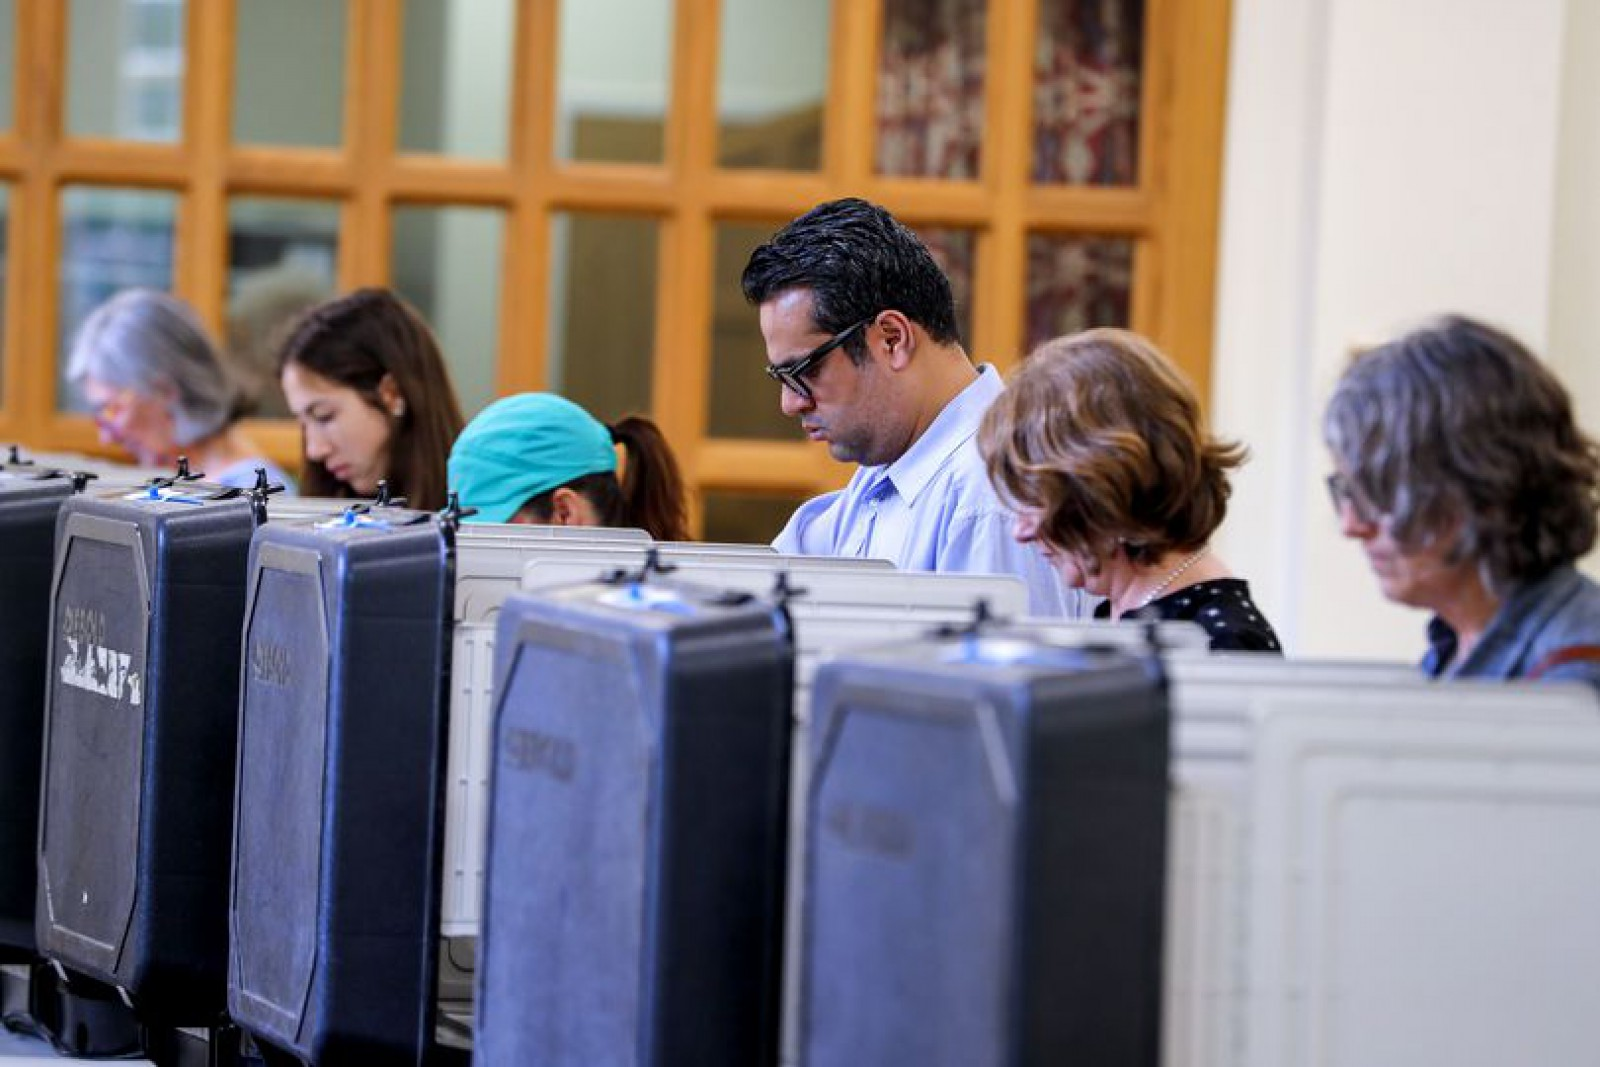 Alegeri prezidențiale în Columbia. Primul scrutin după semnarea acordului de pace cu FARC